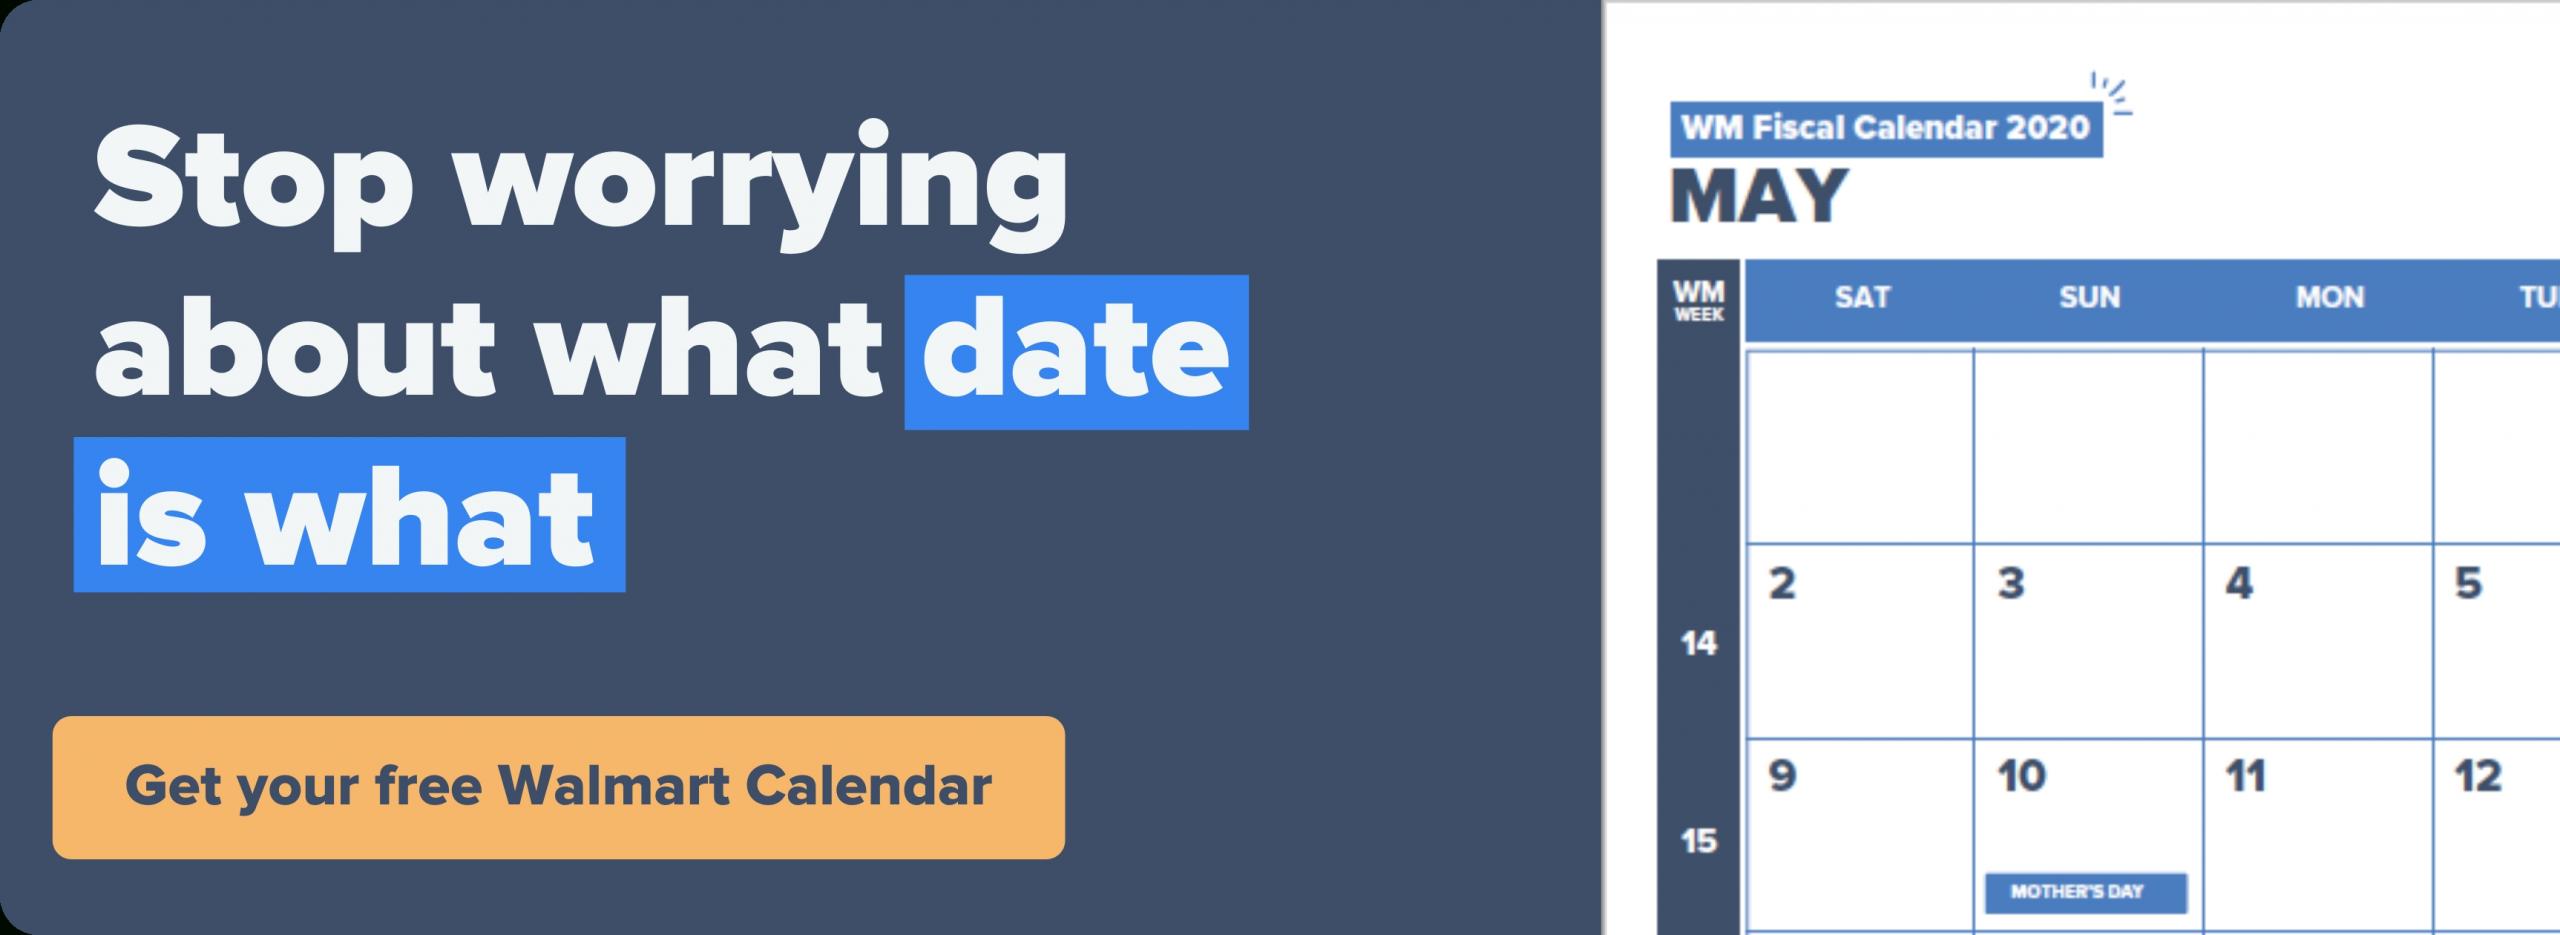 Walmart 2021 2022 Fiscal Calendar